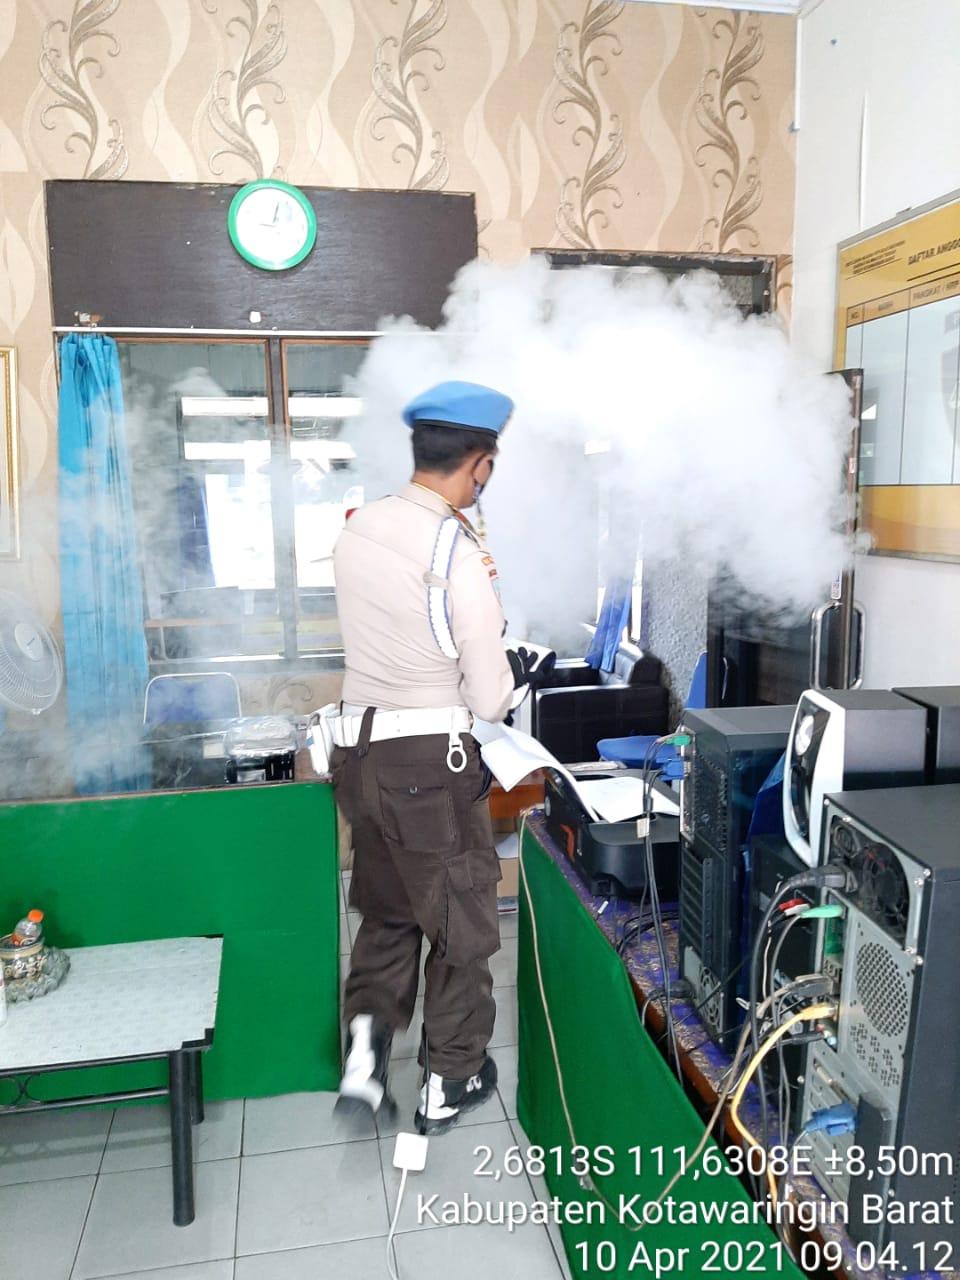 Propam Polres Kobar lakukan Fogging Disinfektan atasi penyebaran Covid di ruang kerja